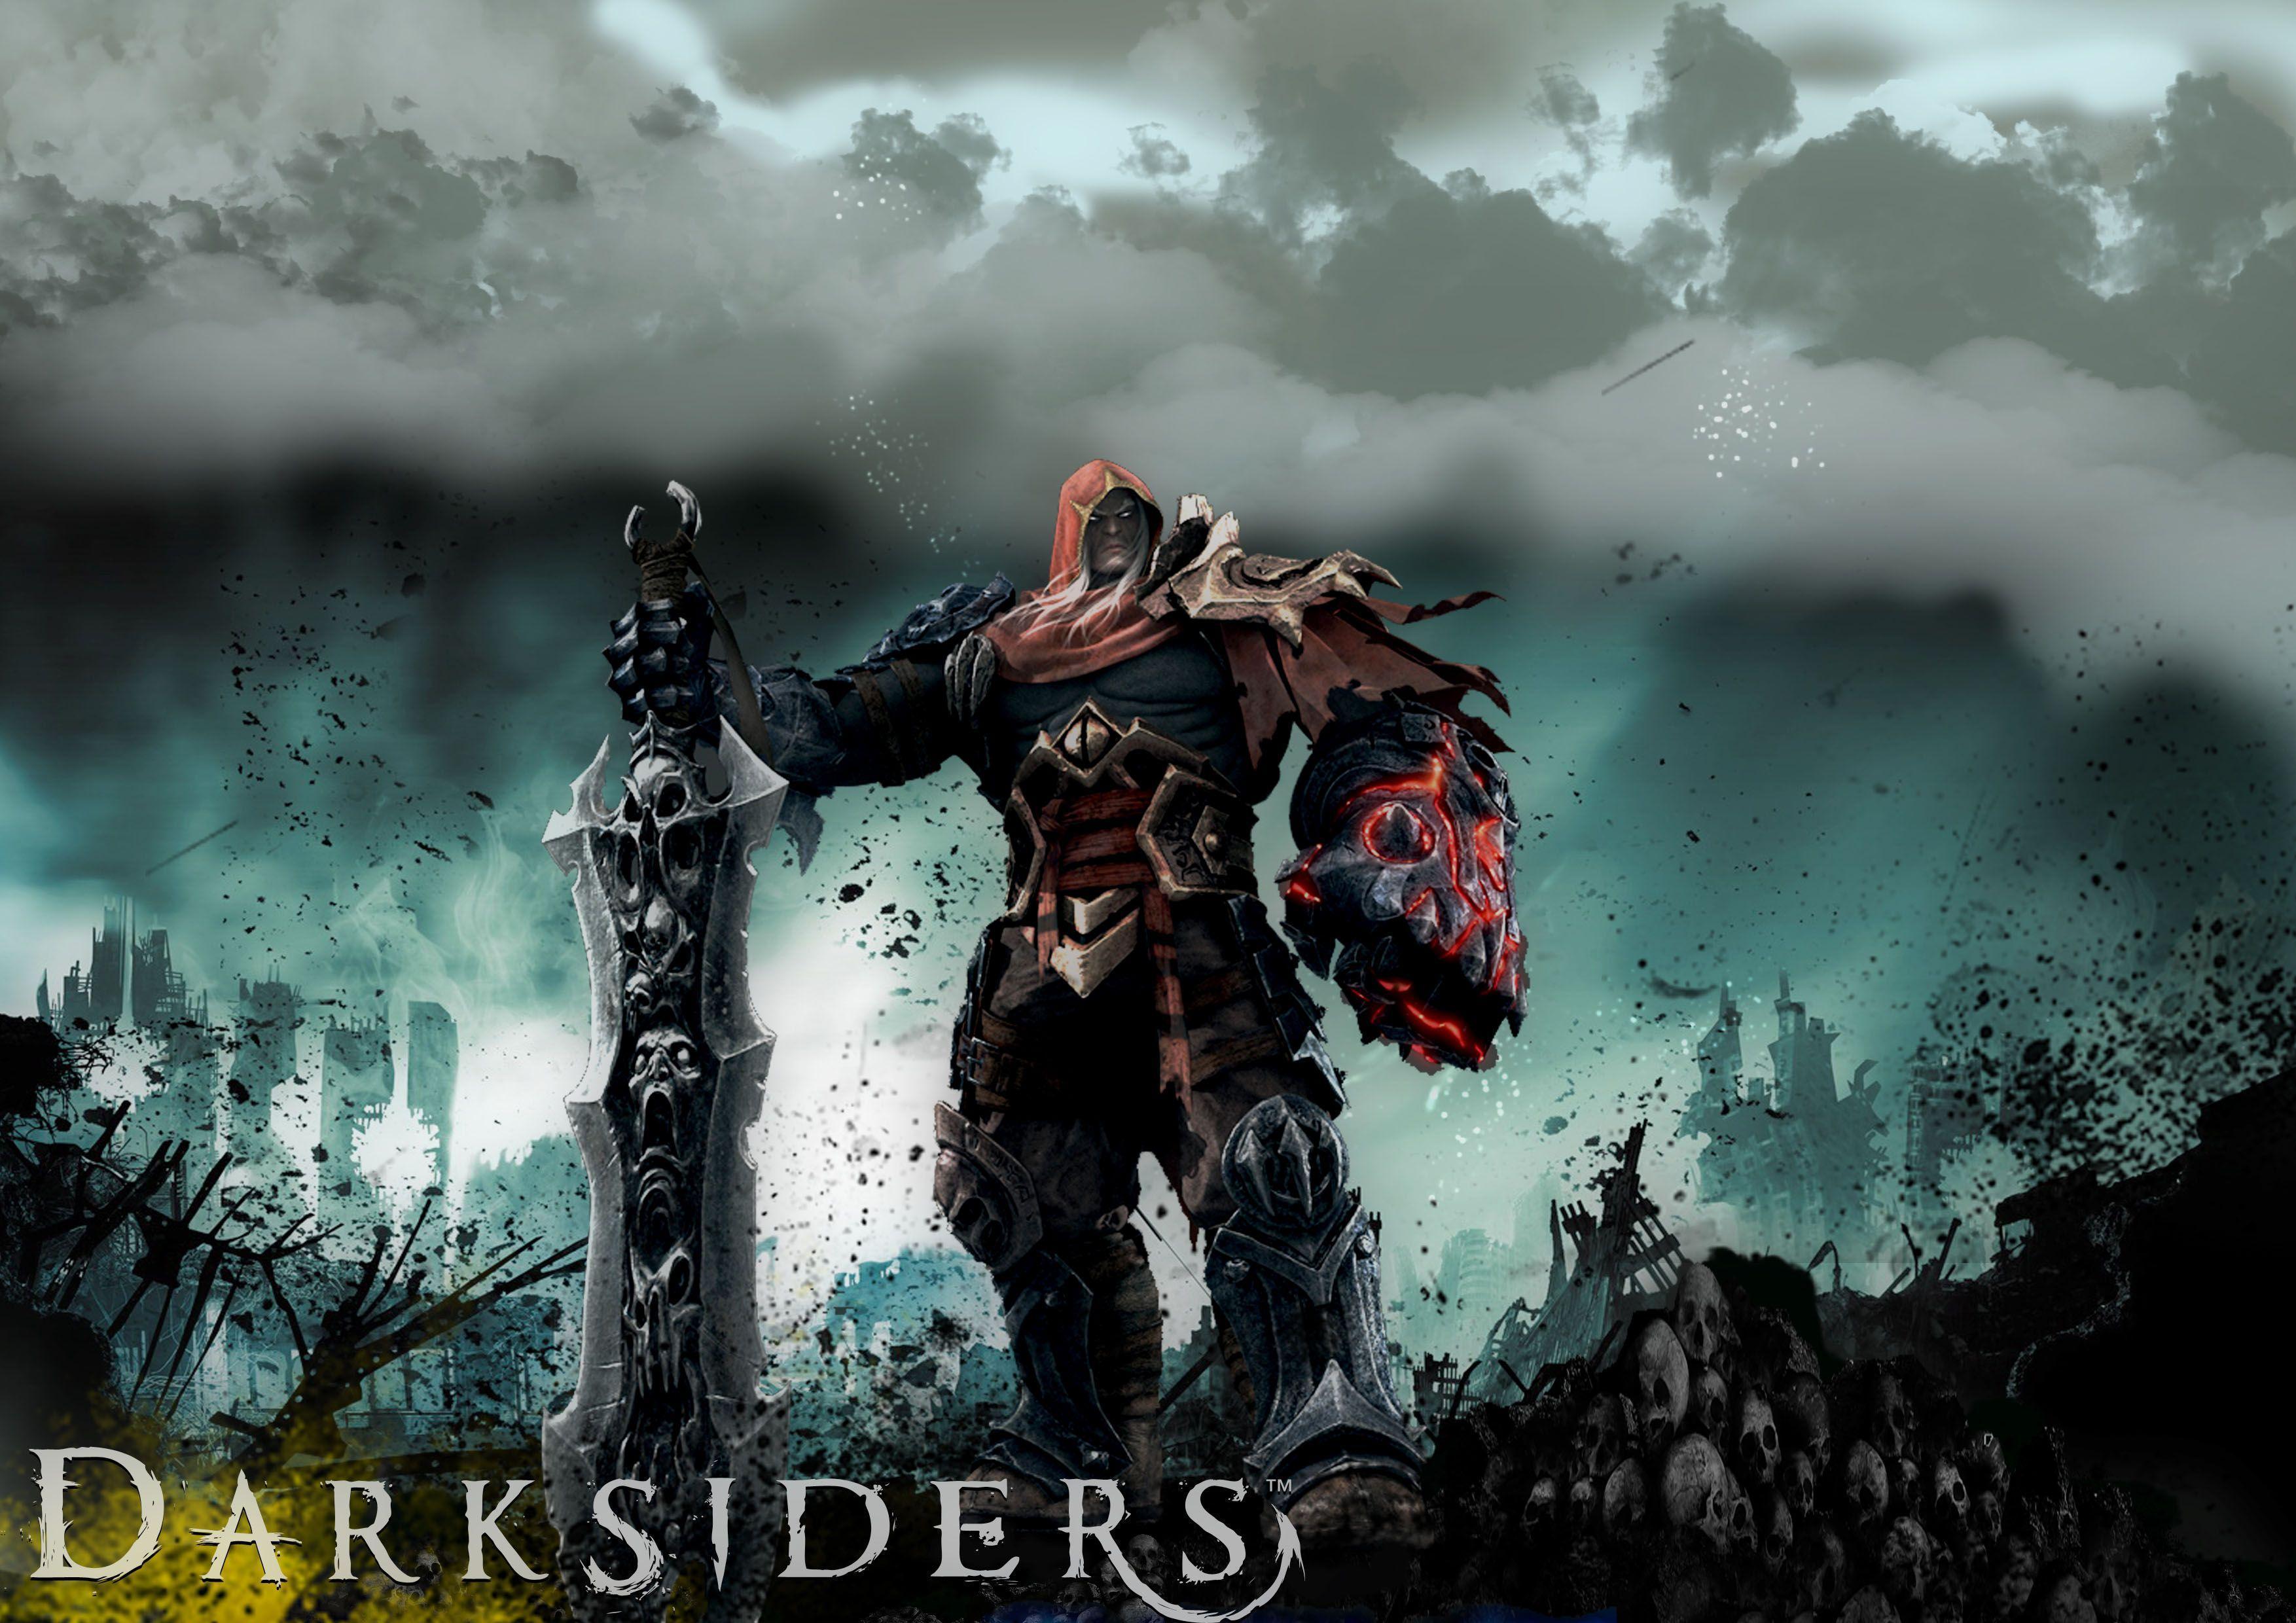 Darksiders Wallpapers 3508x2480